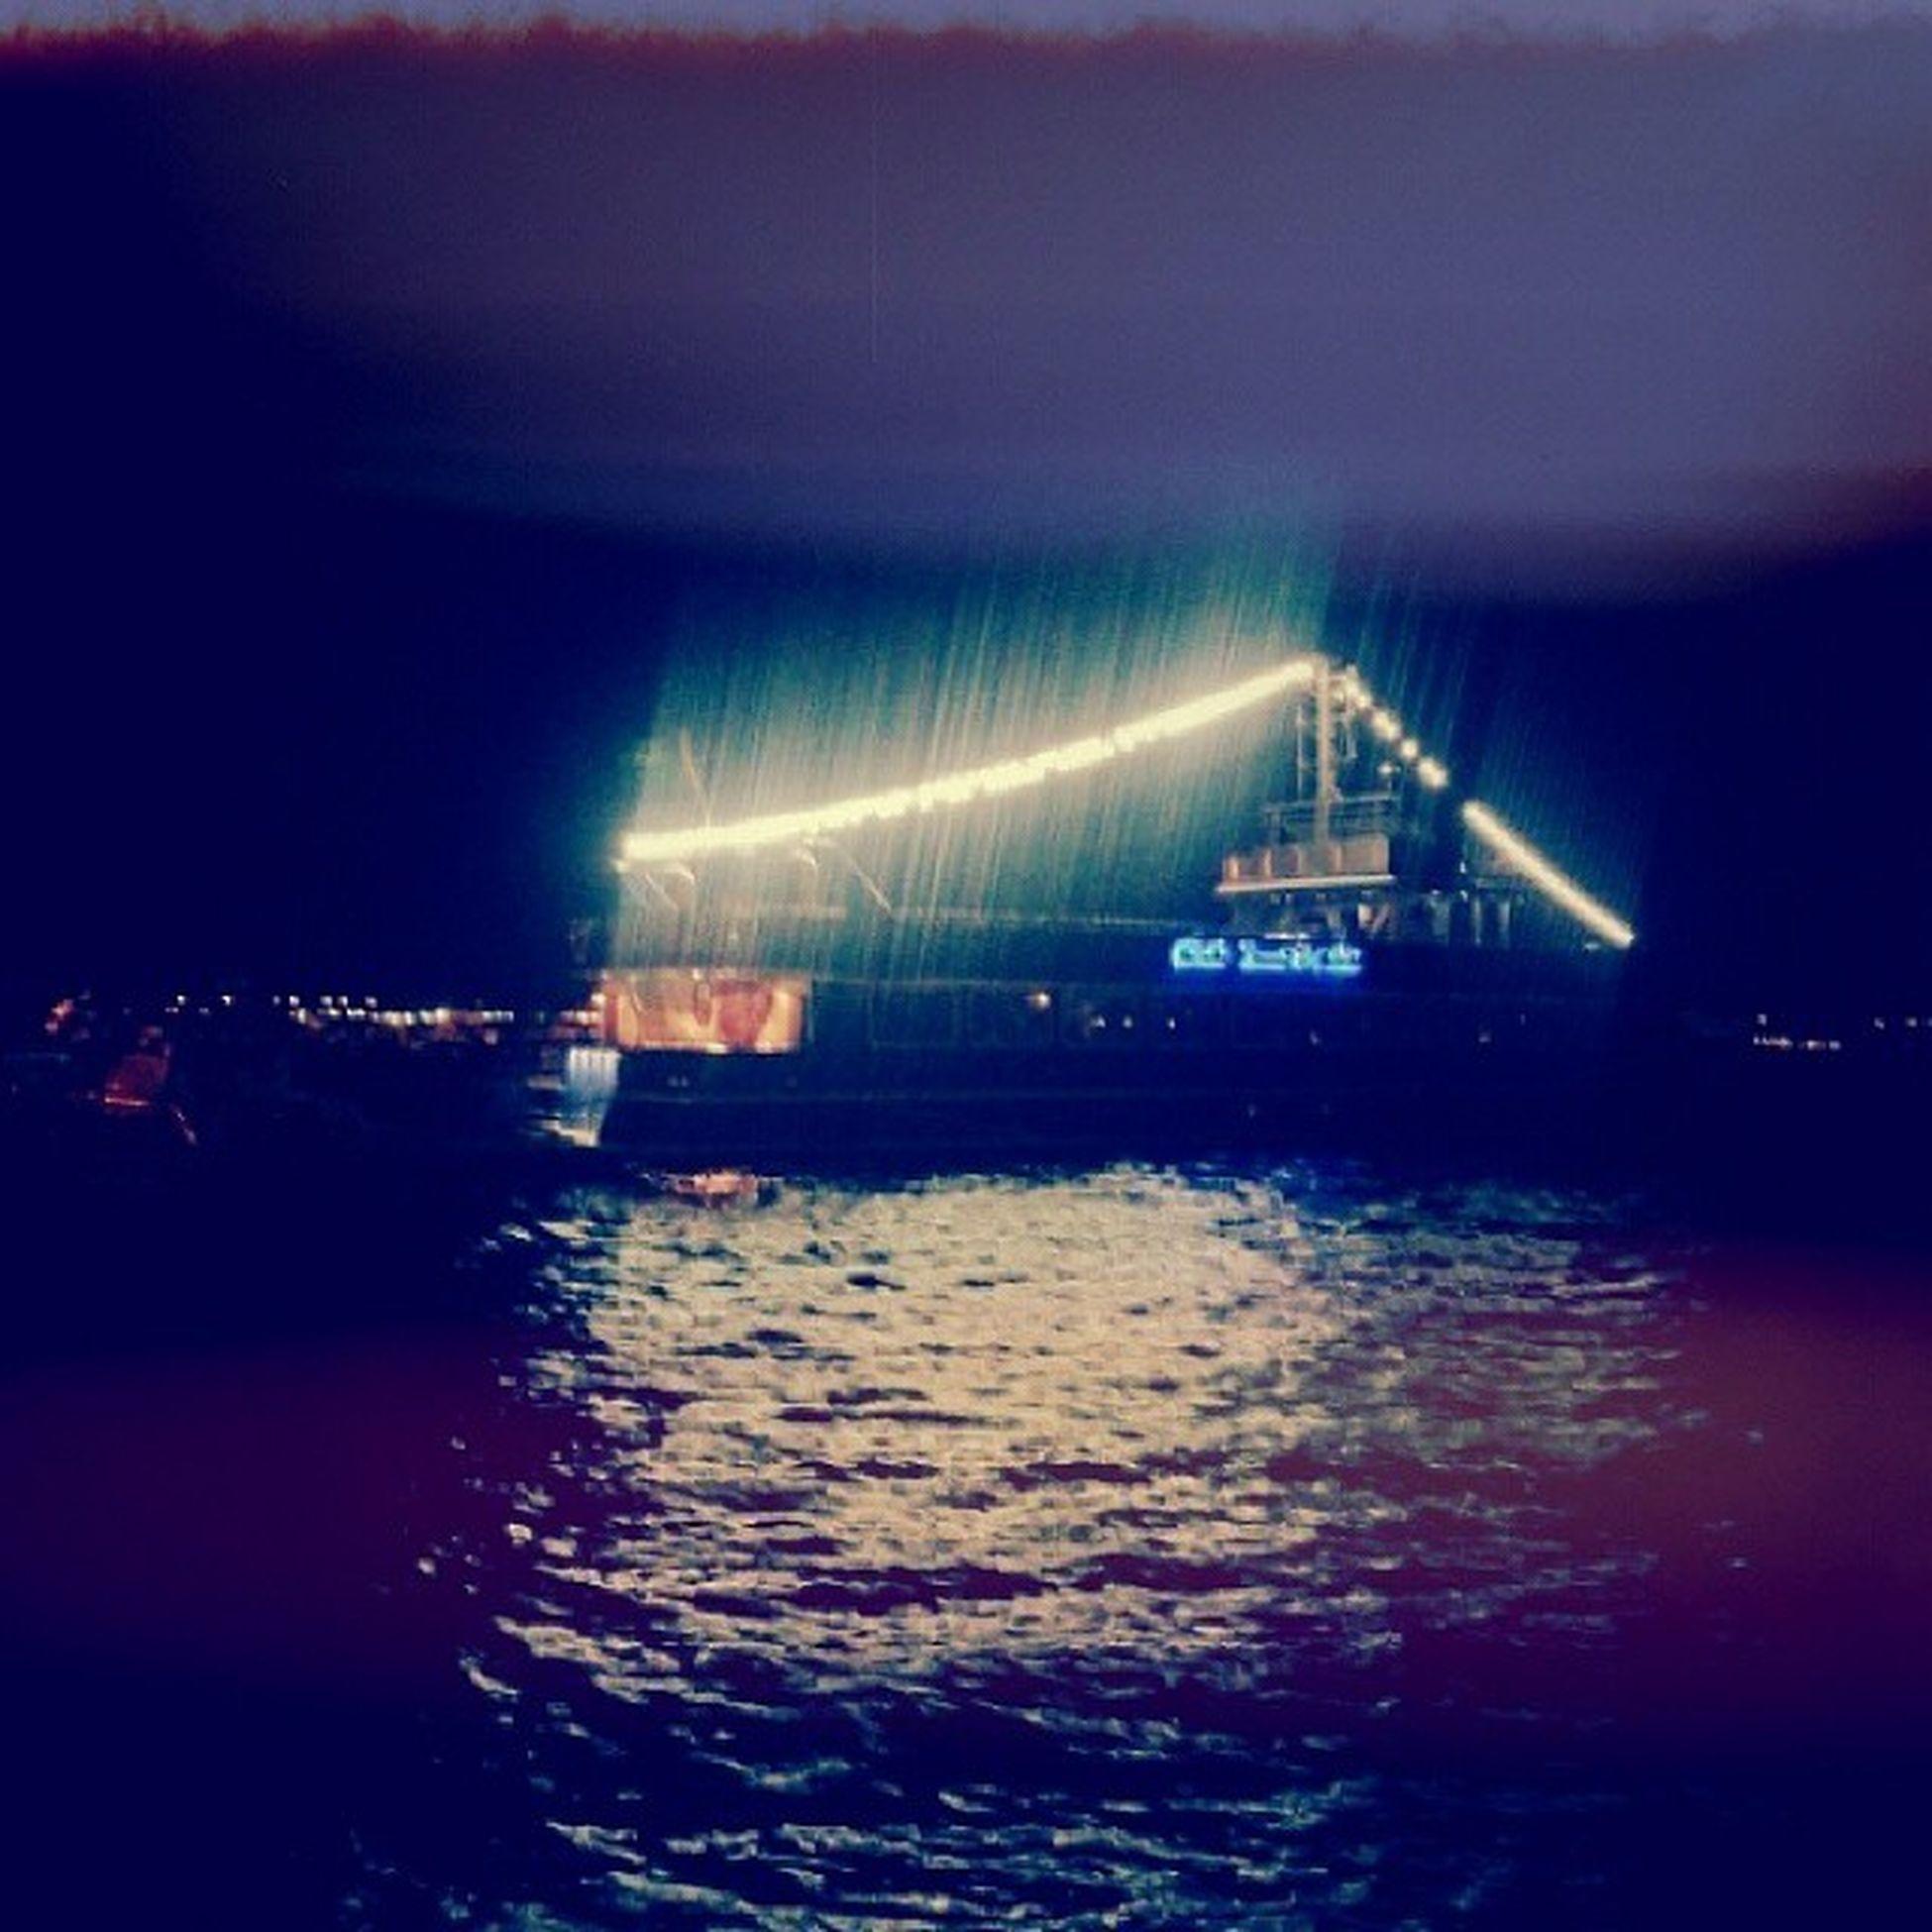 سفينة مرسى الاحلام